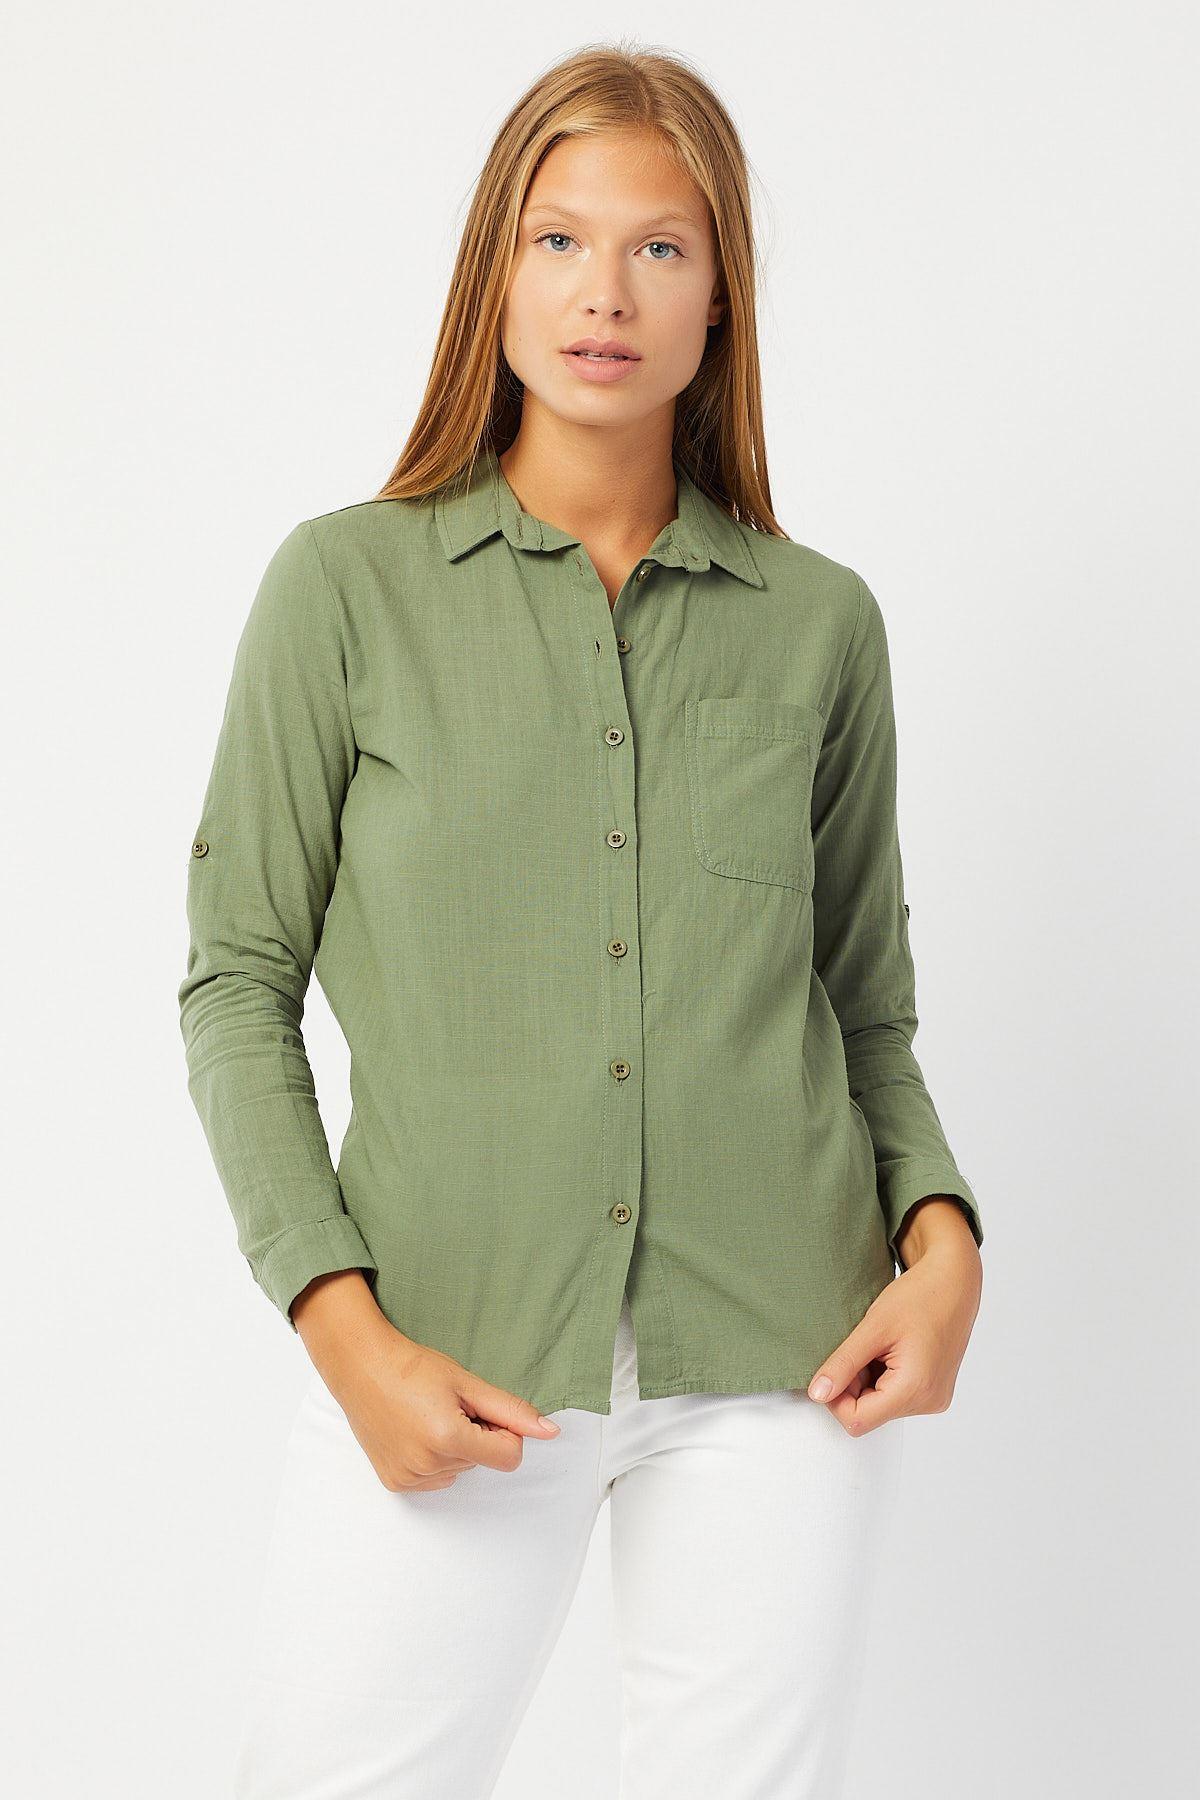 Kol Katlamalı Keten Gömlek